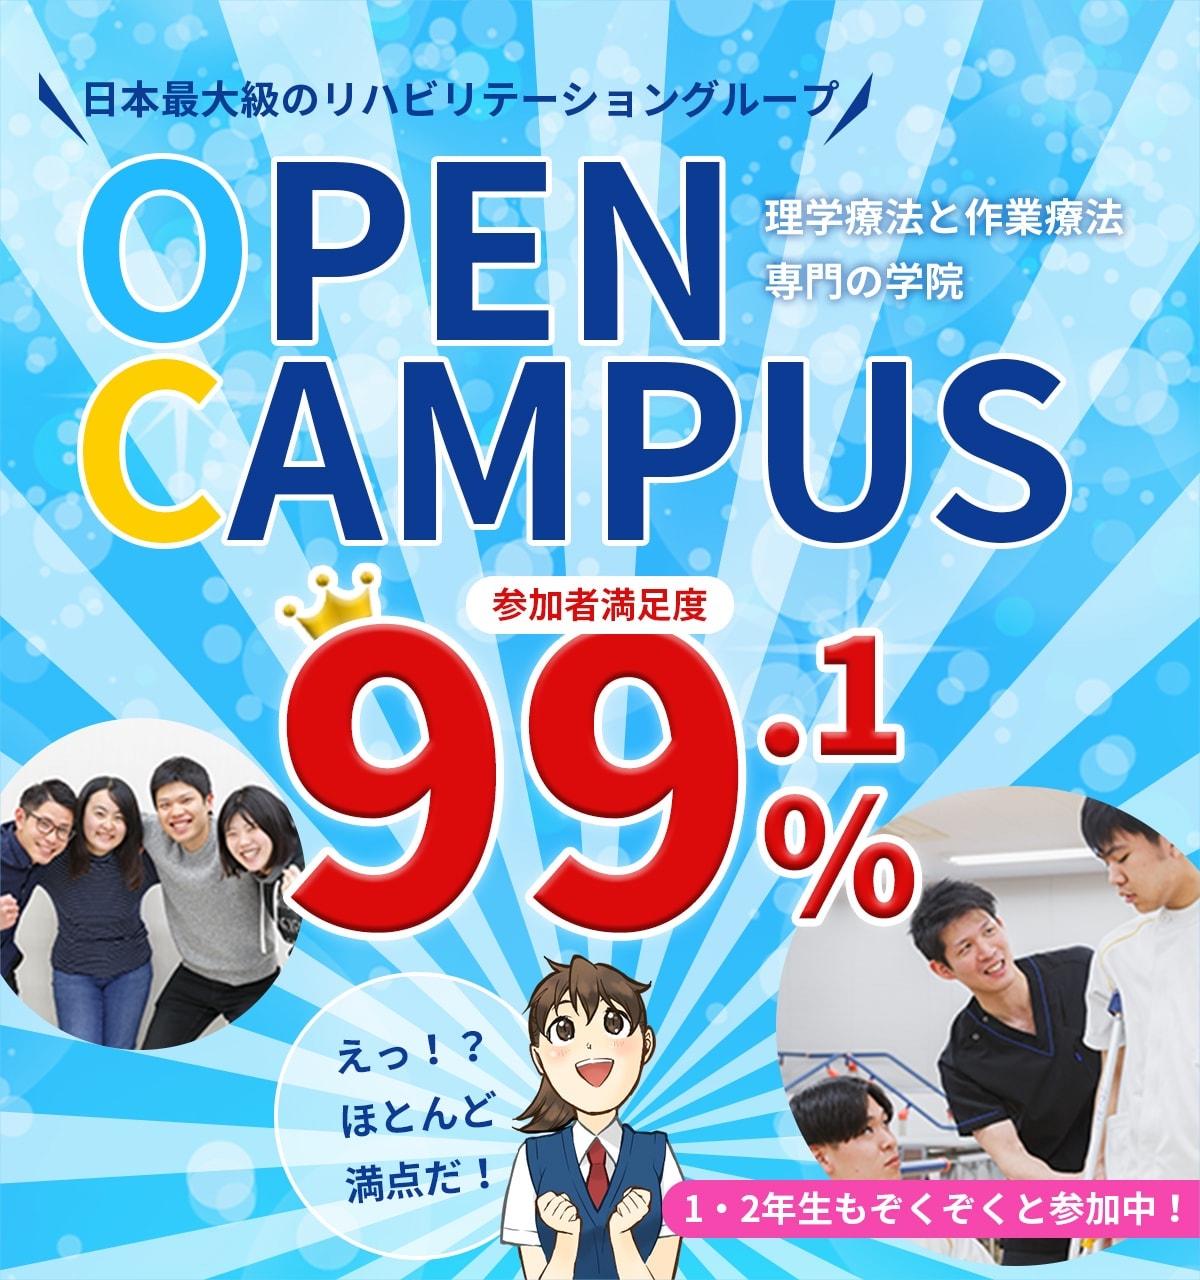 オープンキャンパス満足度平均4.9点